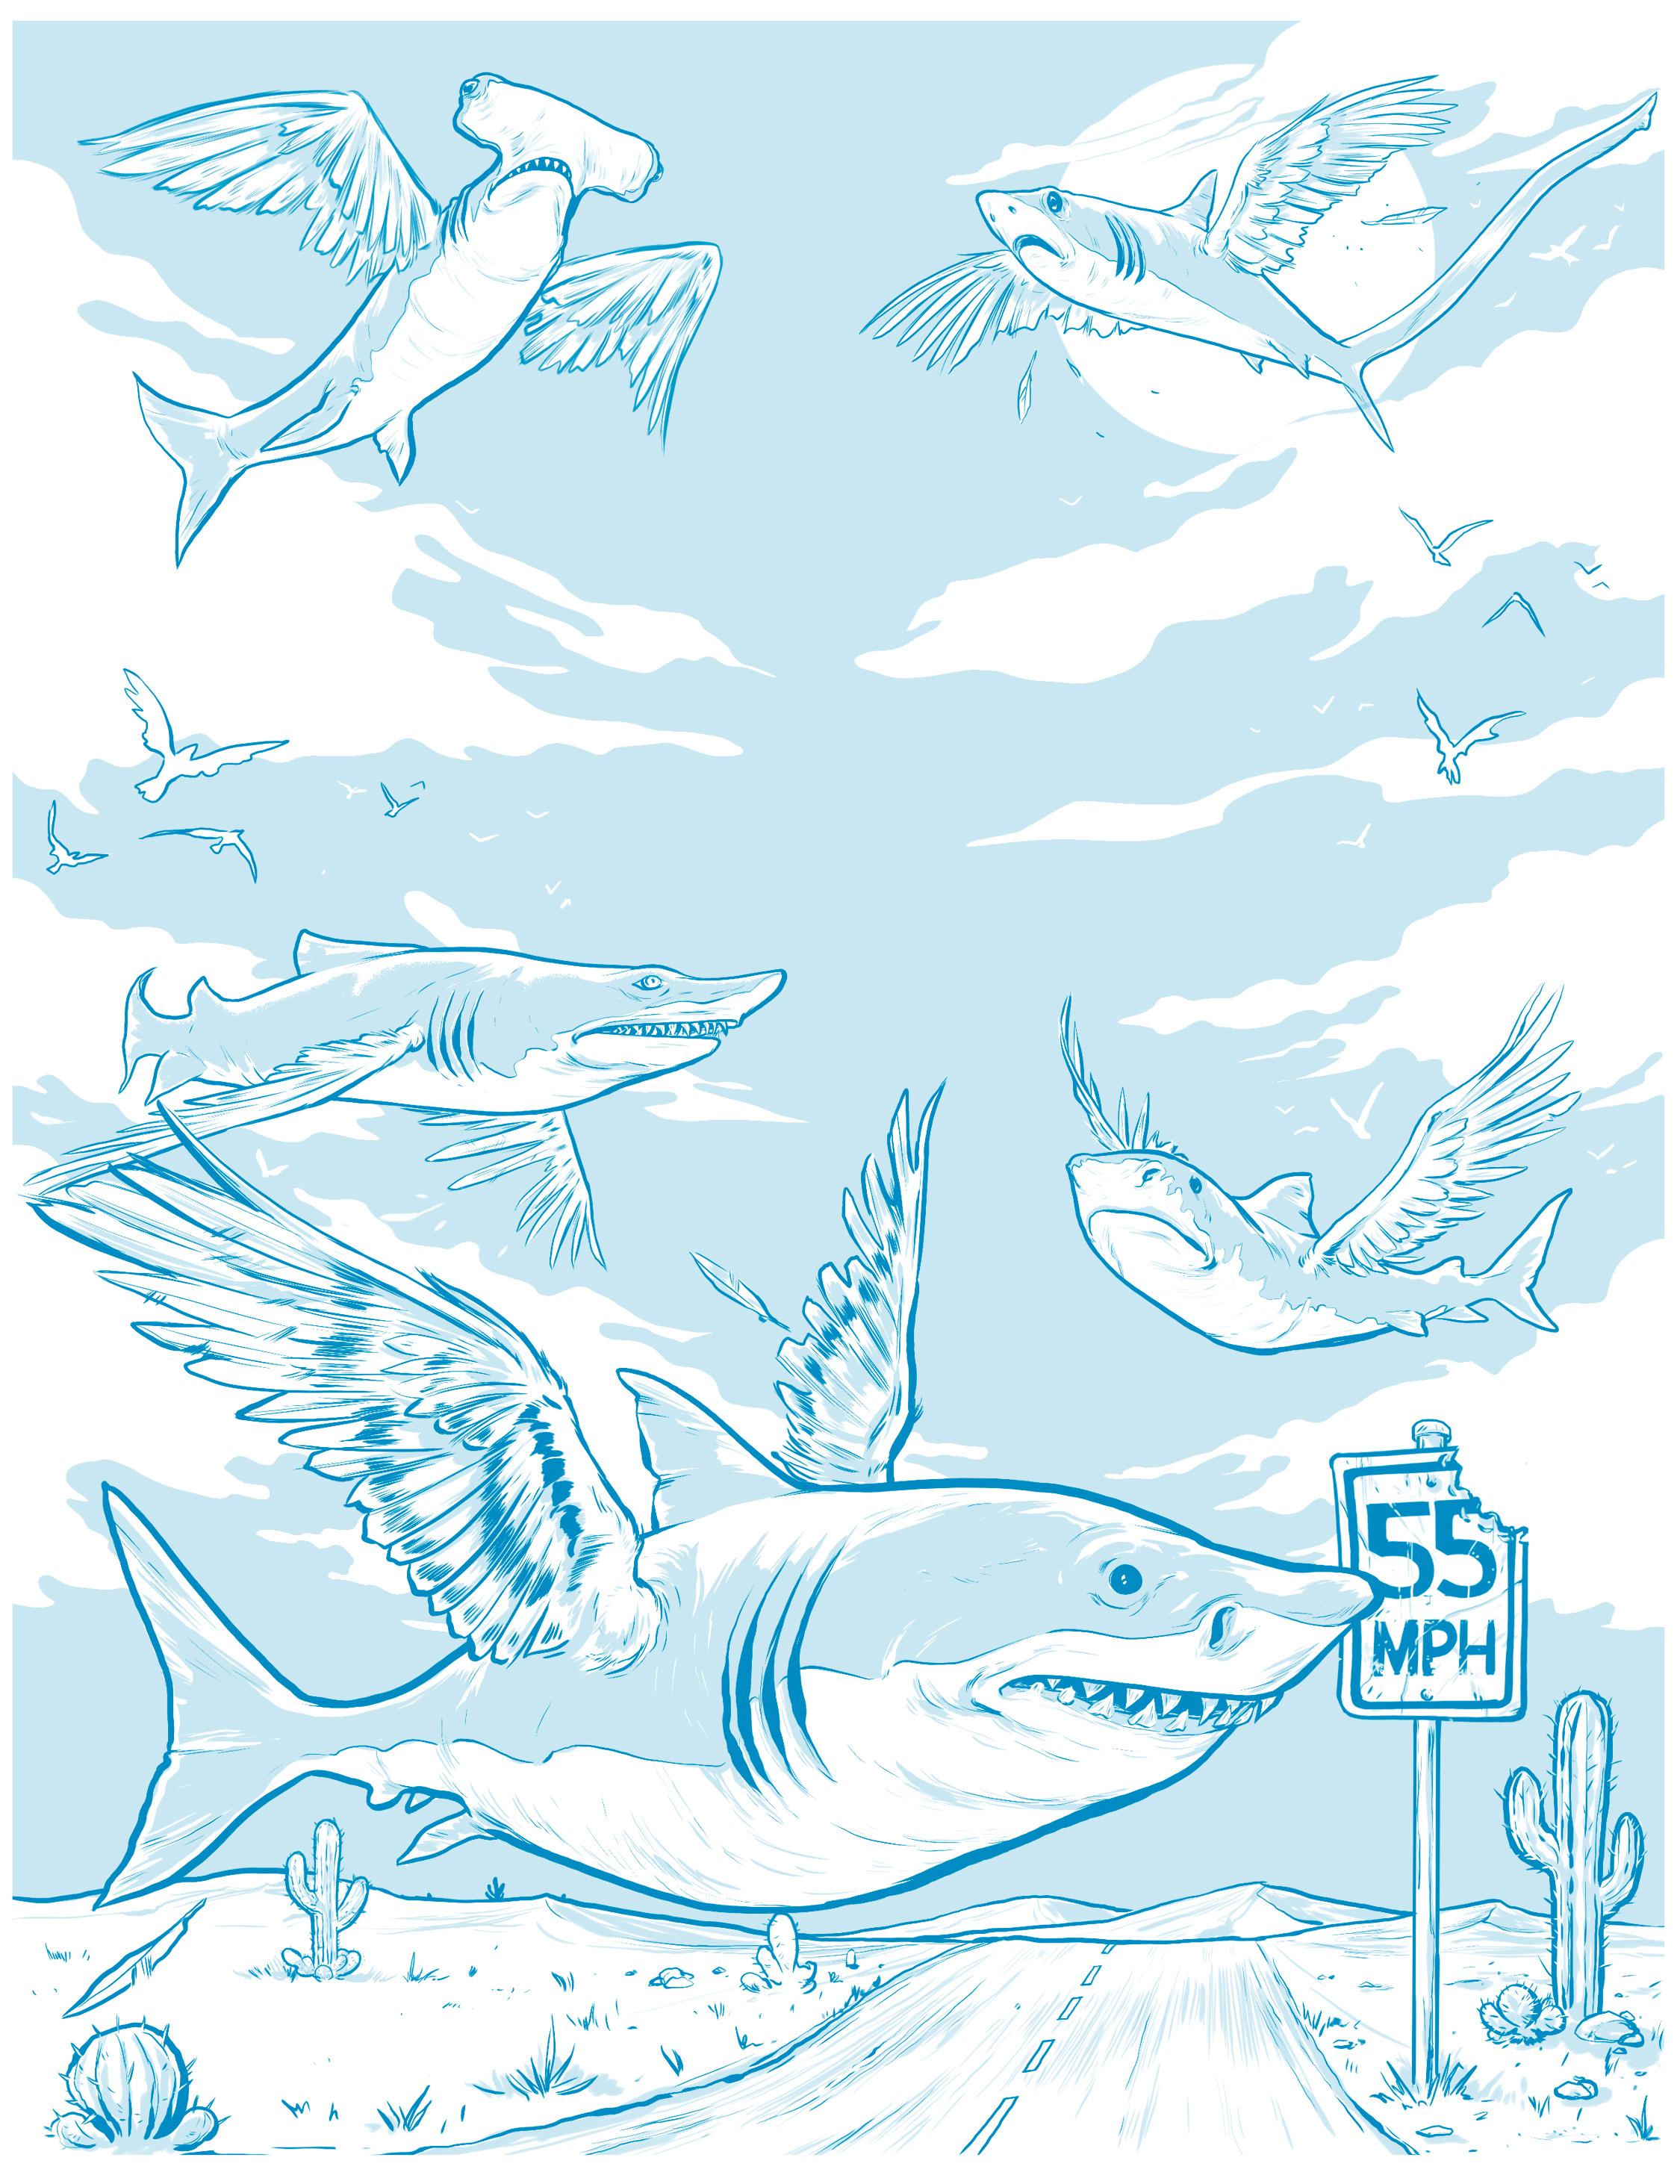 SharkBirds_Final_02.jpg